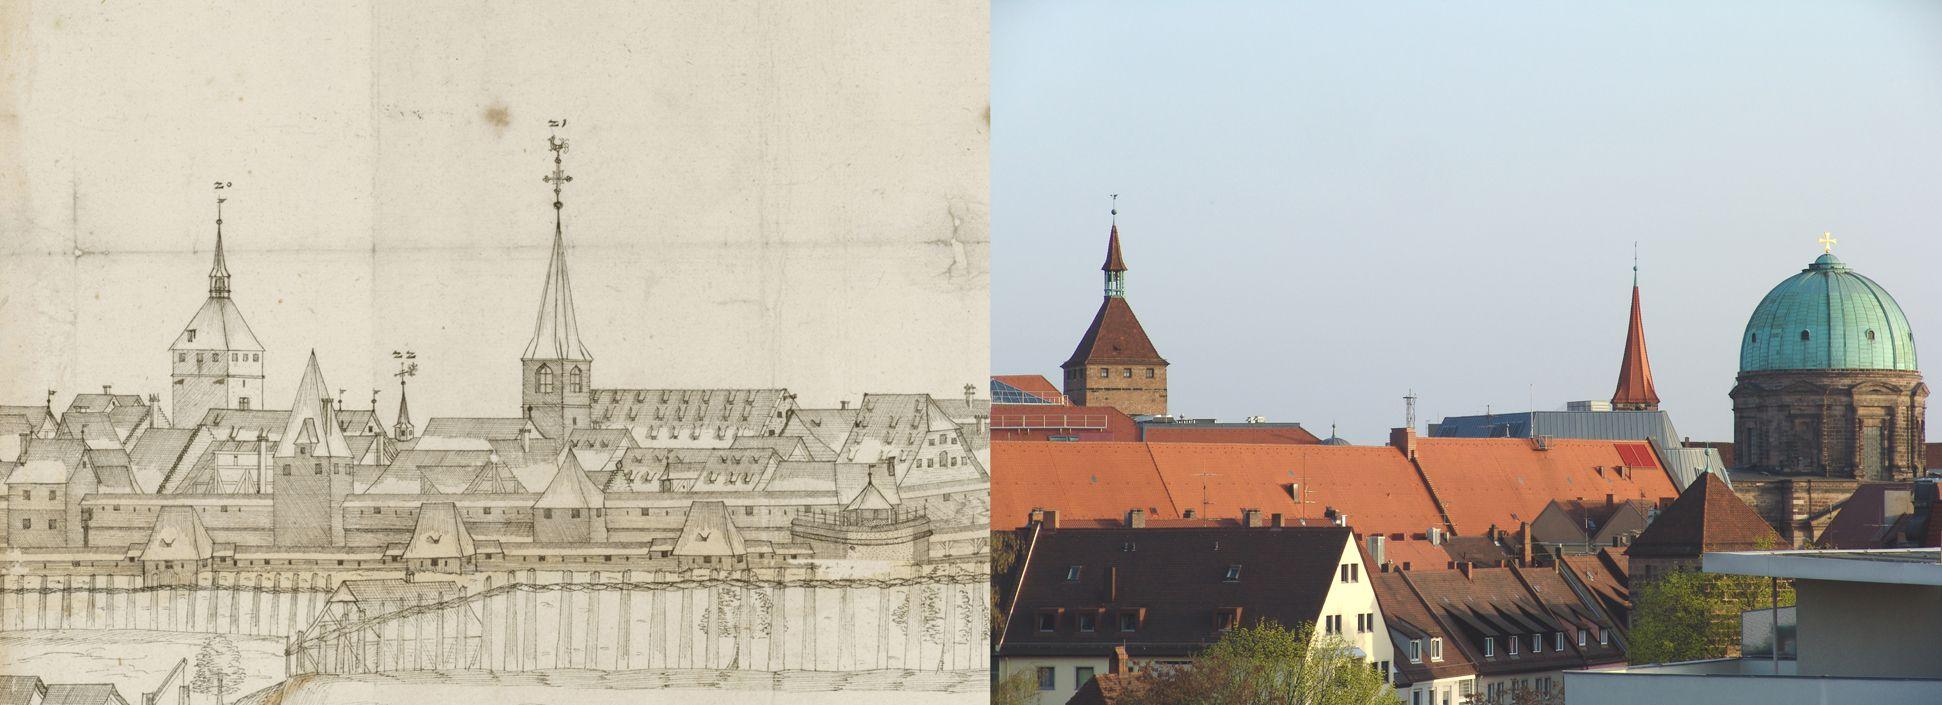 Panoramadarstellung der Stadt Nürnberg von Westen Gegenüberstellung Detail rechtes Zeichnungsdrittel, Weißer Turm und Sankt Jakob (anstelle der kleinen alten Elisabethkapelle die frühklassizistische Elisabethkirche)